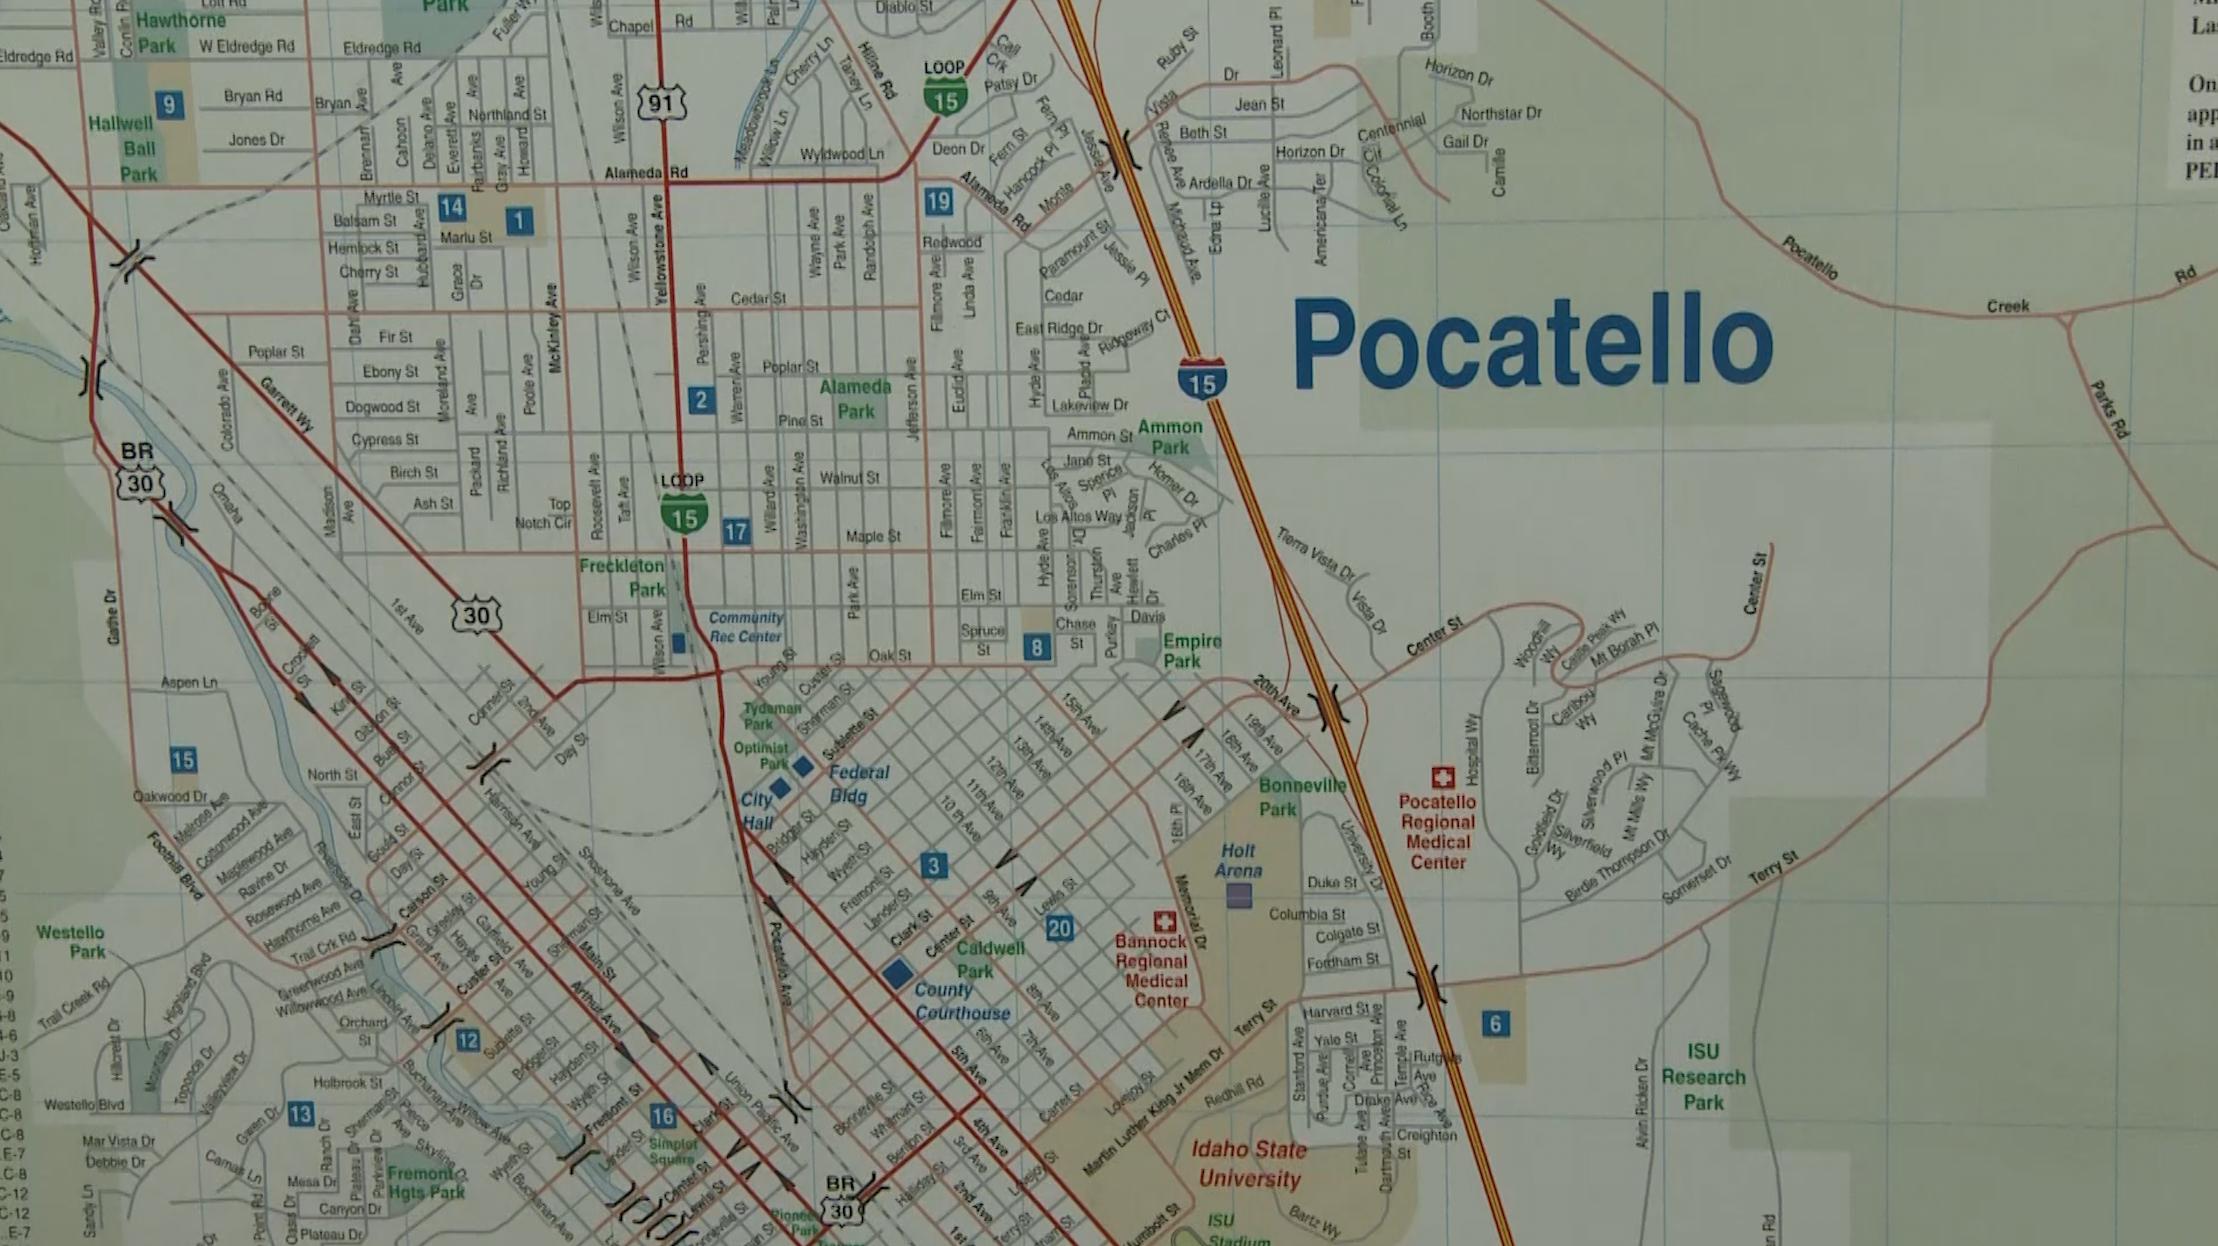 A map of Pocatello